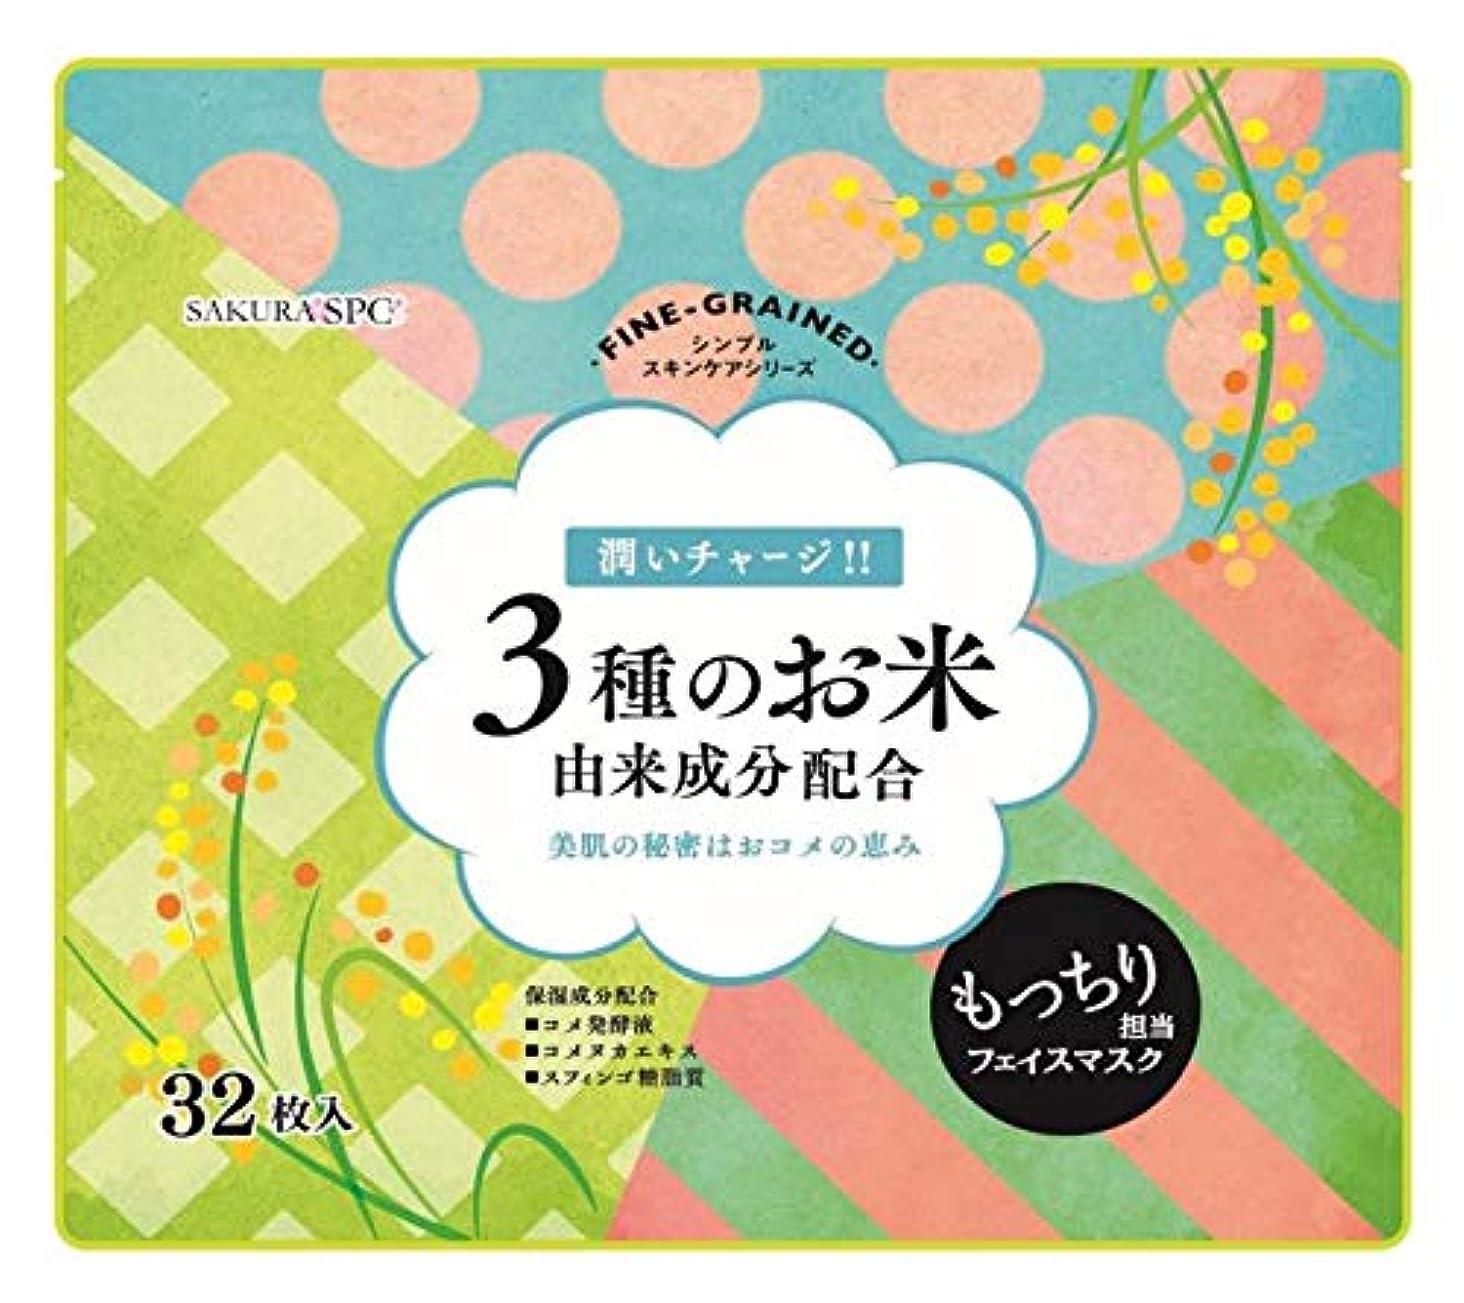 ペルメル関税怖い3種のお米 由来成分配合 フェイス マスク 32枚入り (FINE GRAINED) シンプルスキンケアシリーズ